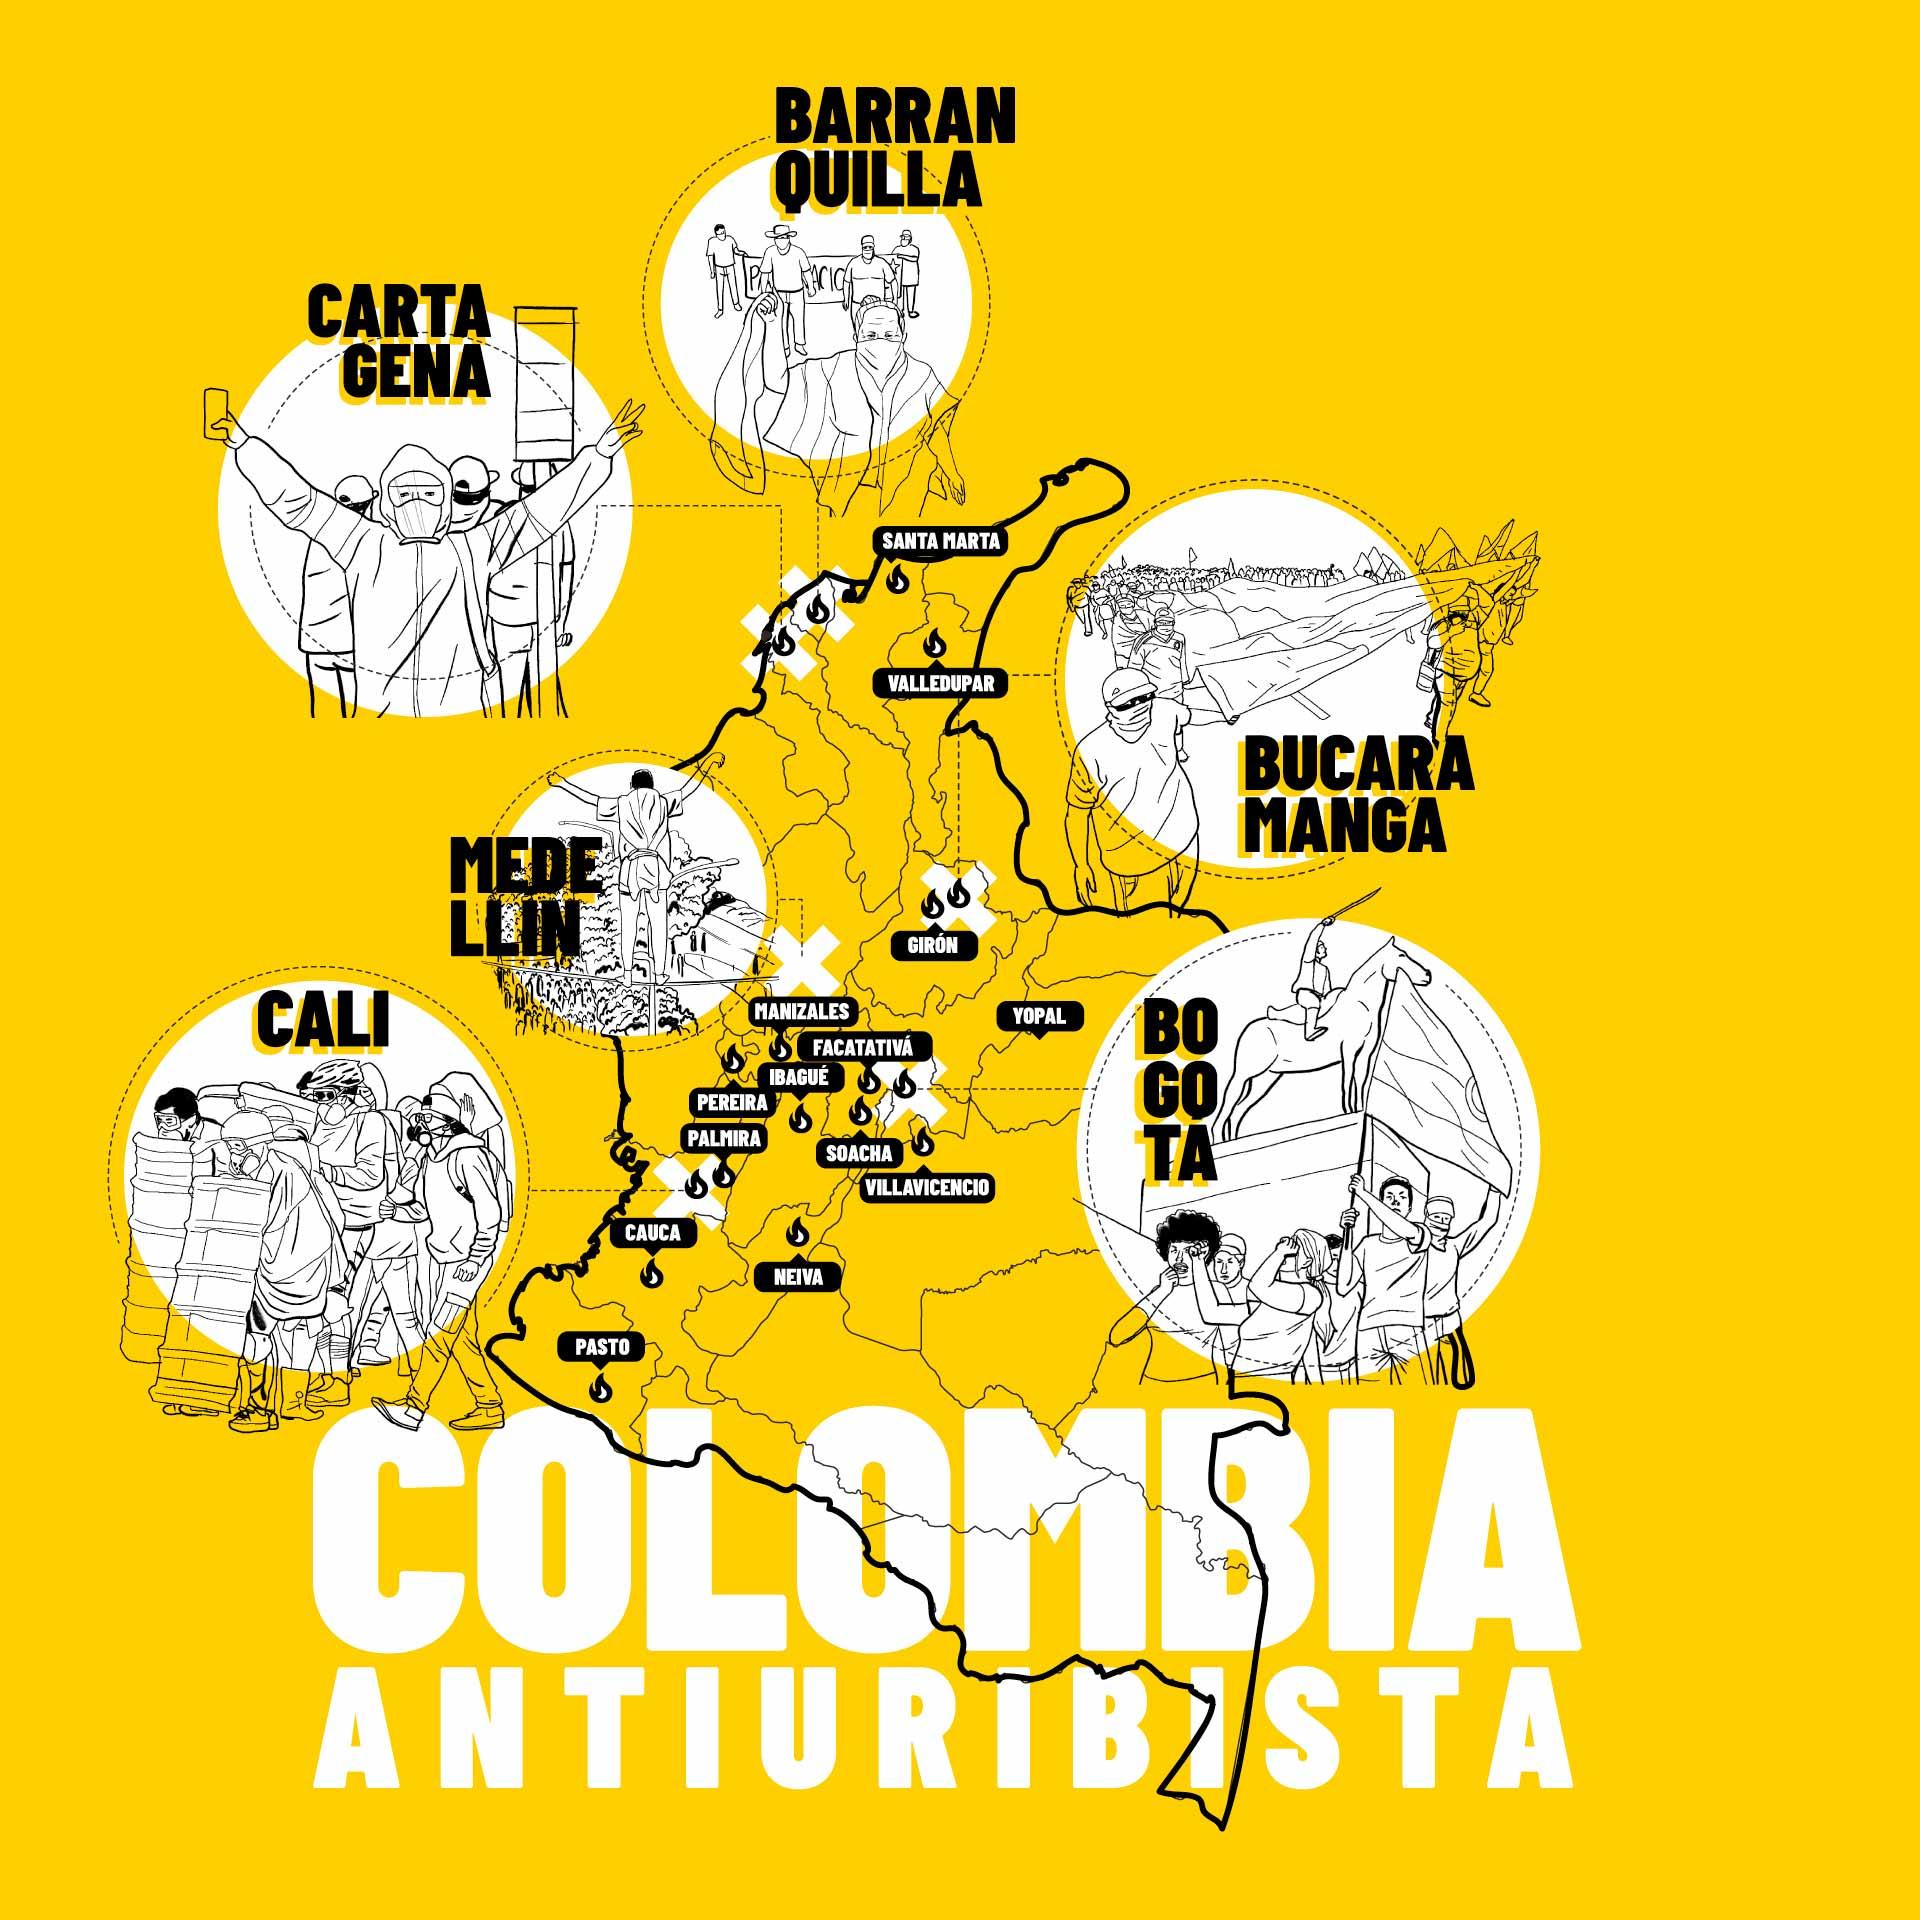 Mapa de colombia, protestas en: Bogotá, Cali, Barranquilla, Medellín, Cartagena y Bucaramanga.Manifestaciones en otras ciudades: Pereira, Popayán, Palmira, Facatativá, Ibagué, Manizales, Pasto, Neiva, Santa Marta, Villavicencio, Valledupar, Yopal, Girón y Soacha. Colombia antiuribista